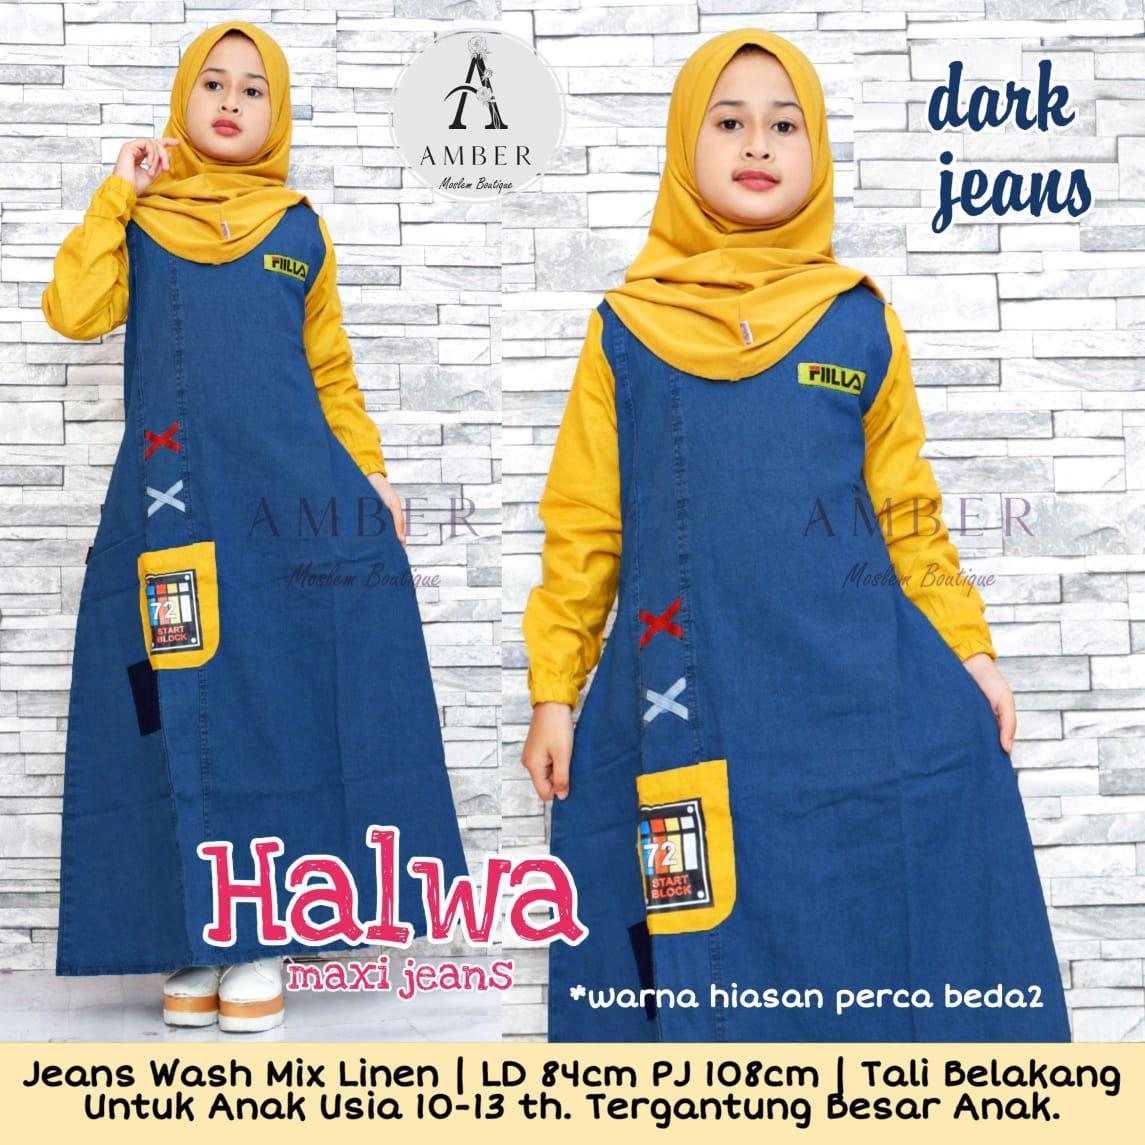 Helwa Maxi Jeans Anak Usia 9 - 9 Tahun Baju Gamis Anak Perempuan Umur 9  Tahun - Model Dress Anak Terbaru - Baju Dress Anak Perempuan - Baju Anak